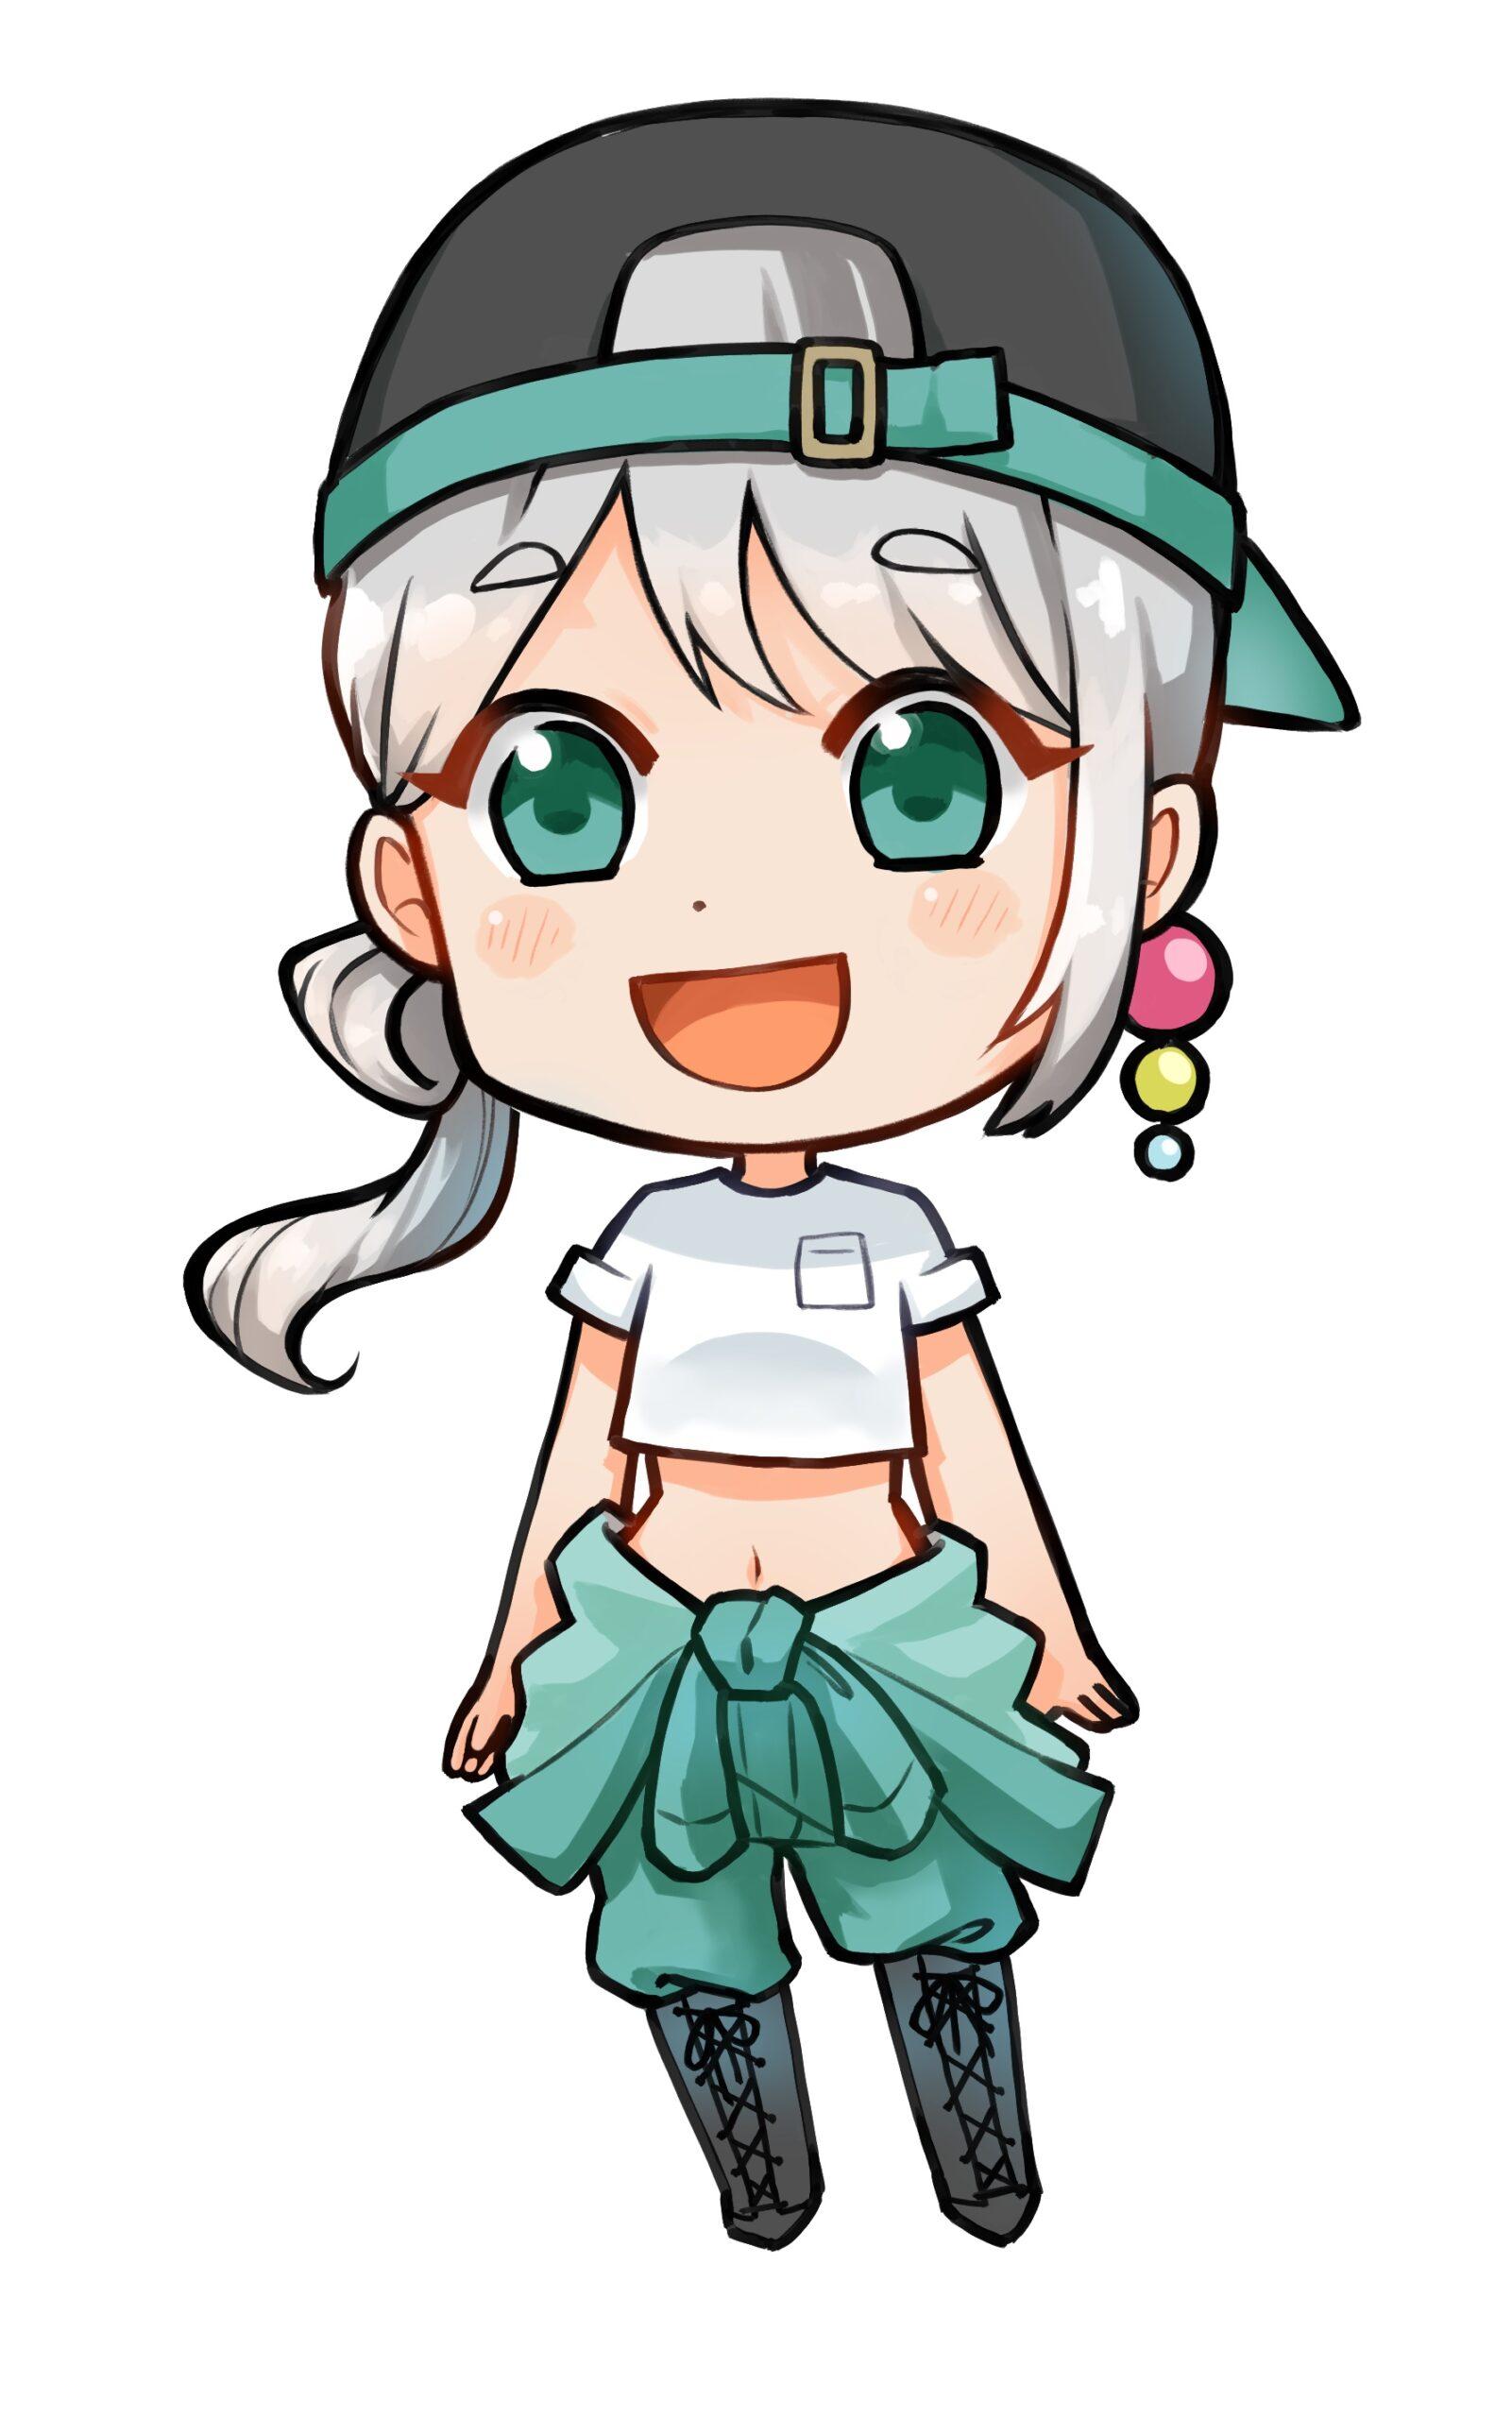 アクリルノベルティ・キャラクター製作、リムちゃん2D